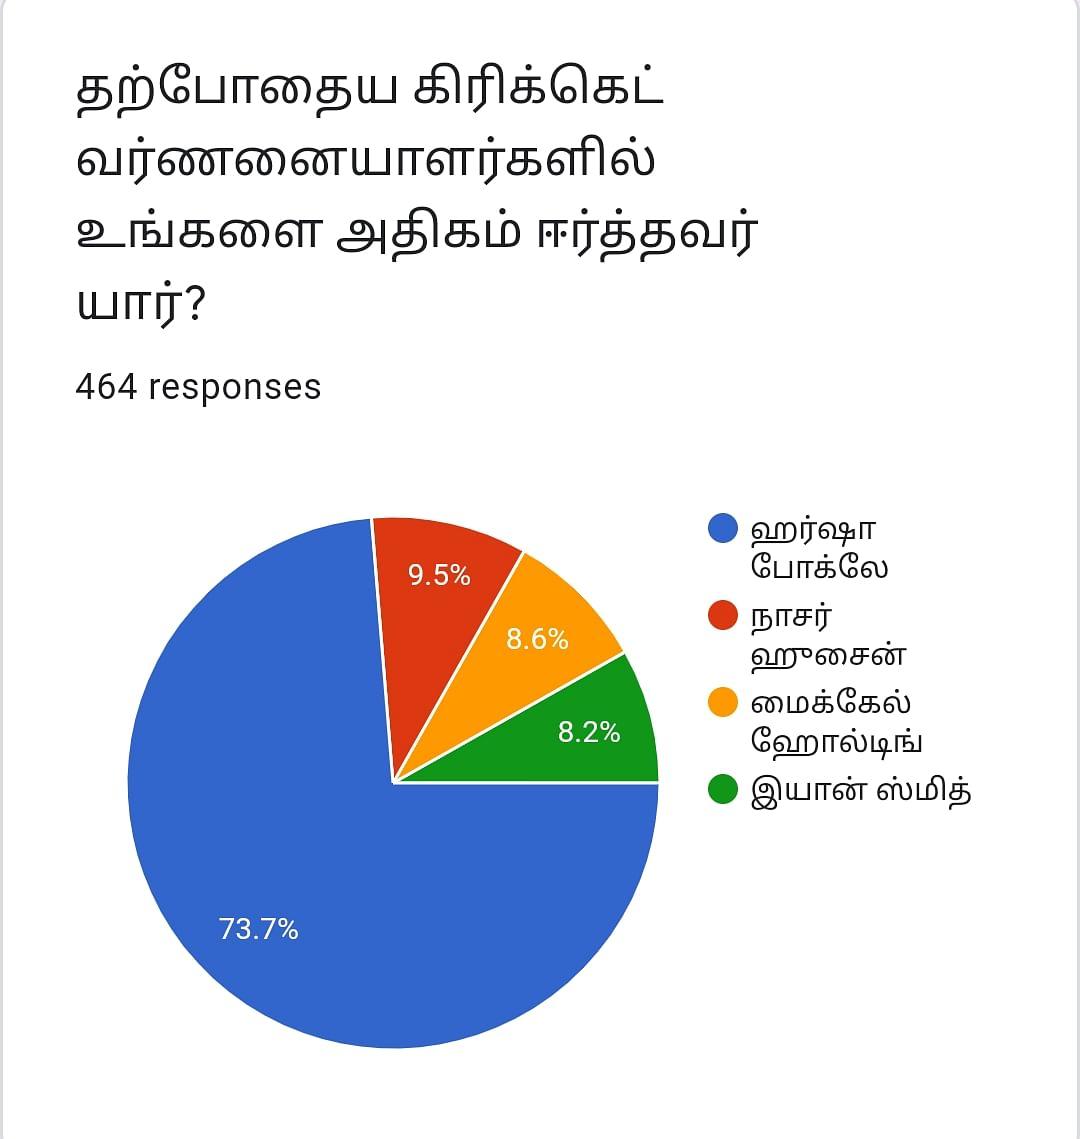 தற்போதைய கிரிக்கெட் வர்ணனையாளர்களில் உங்களை அதிகம் ஈர்த்தவர் யார்? #VikatanPollResults